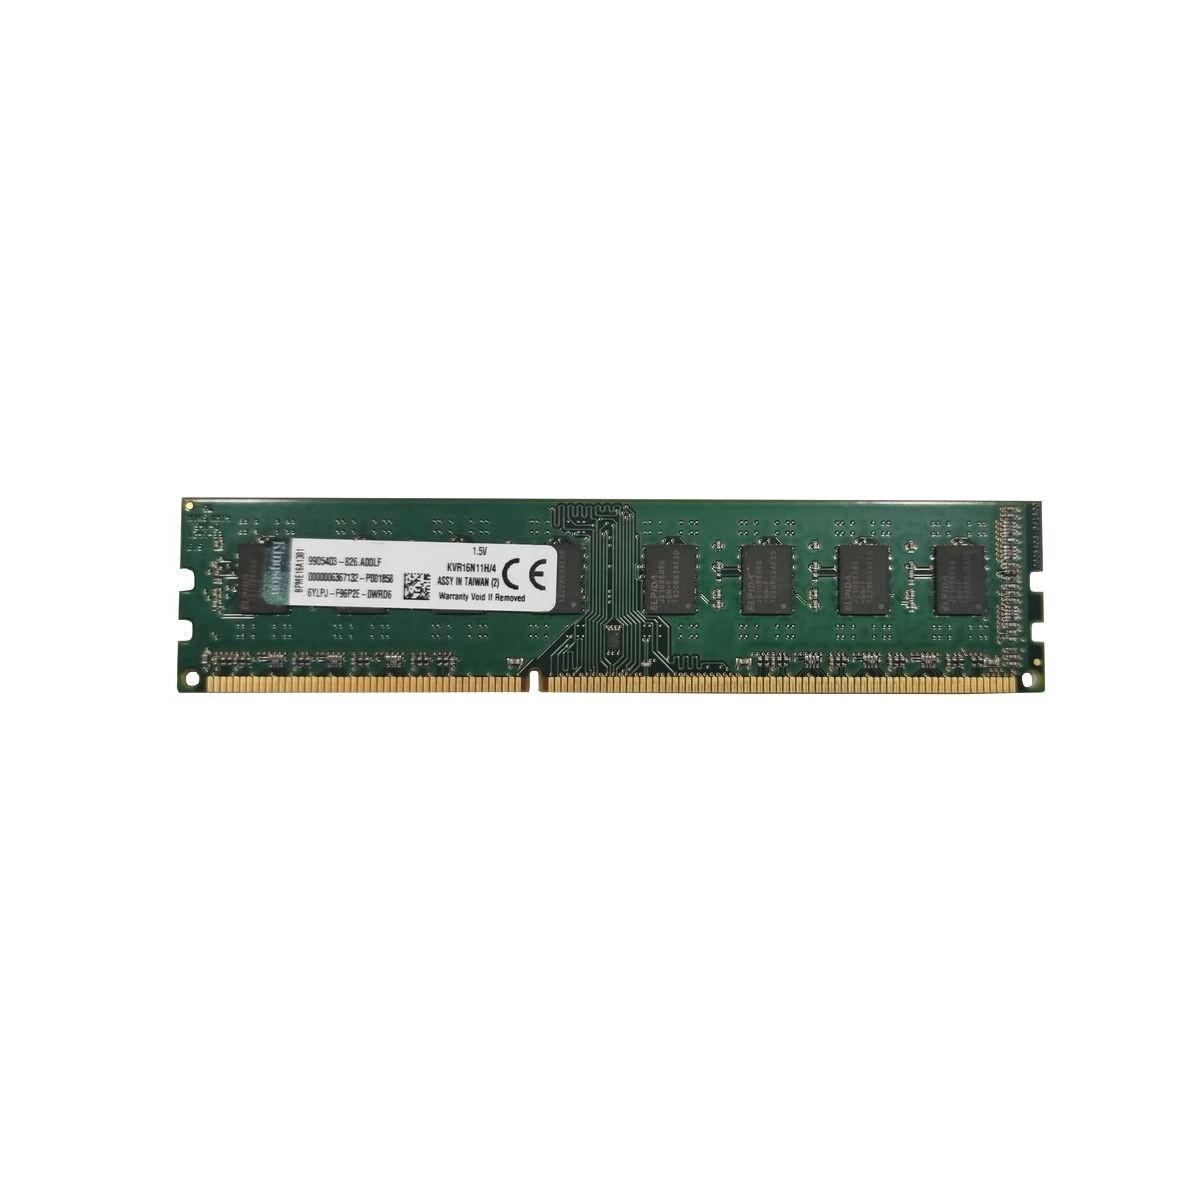 DYSK DELL WD 160GB 3G SATA 7.2K 3,5 0DC115